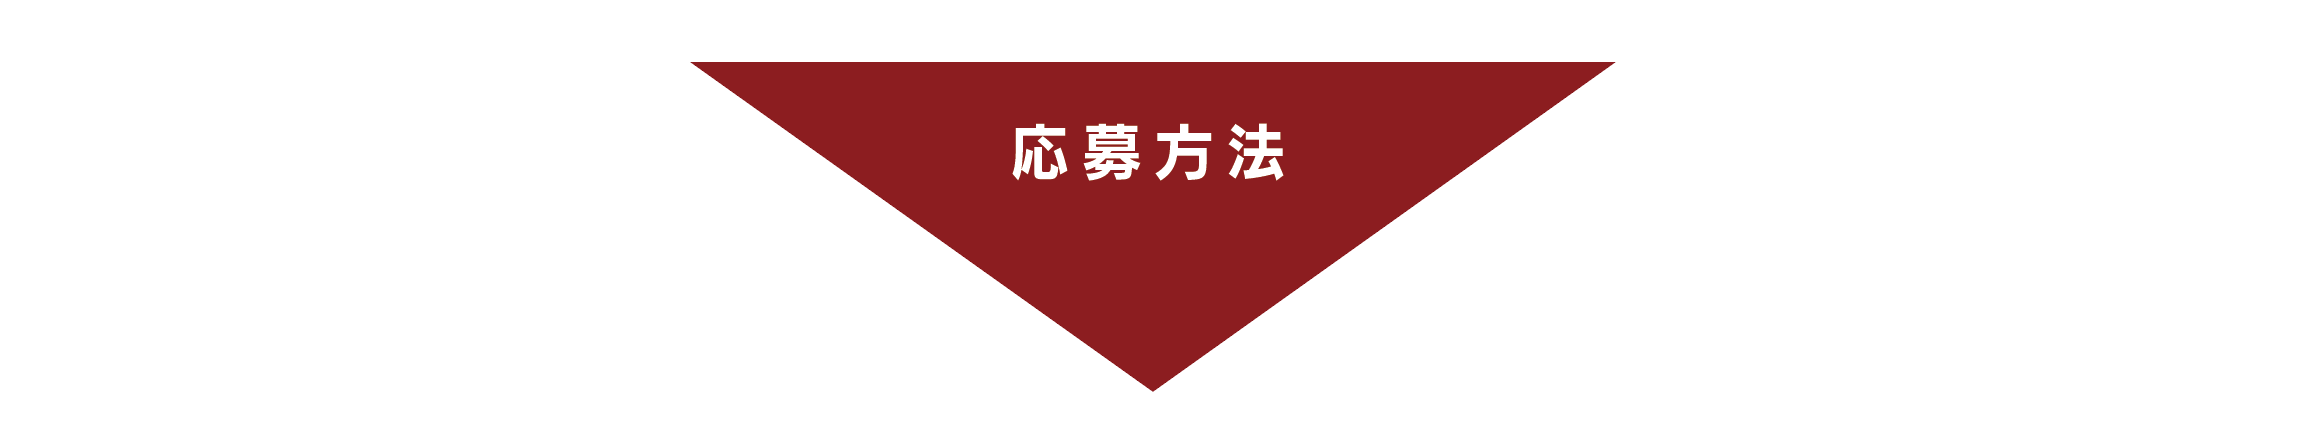 10月15日(thu)スタート「絶対!もらえるキャンペーン」 角型フィルター製品ご購入の方にもれなくプレゼント!